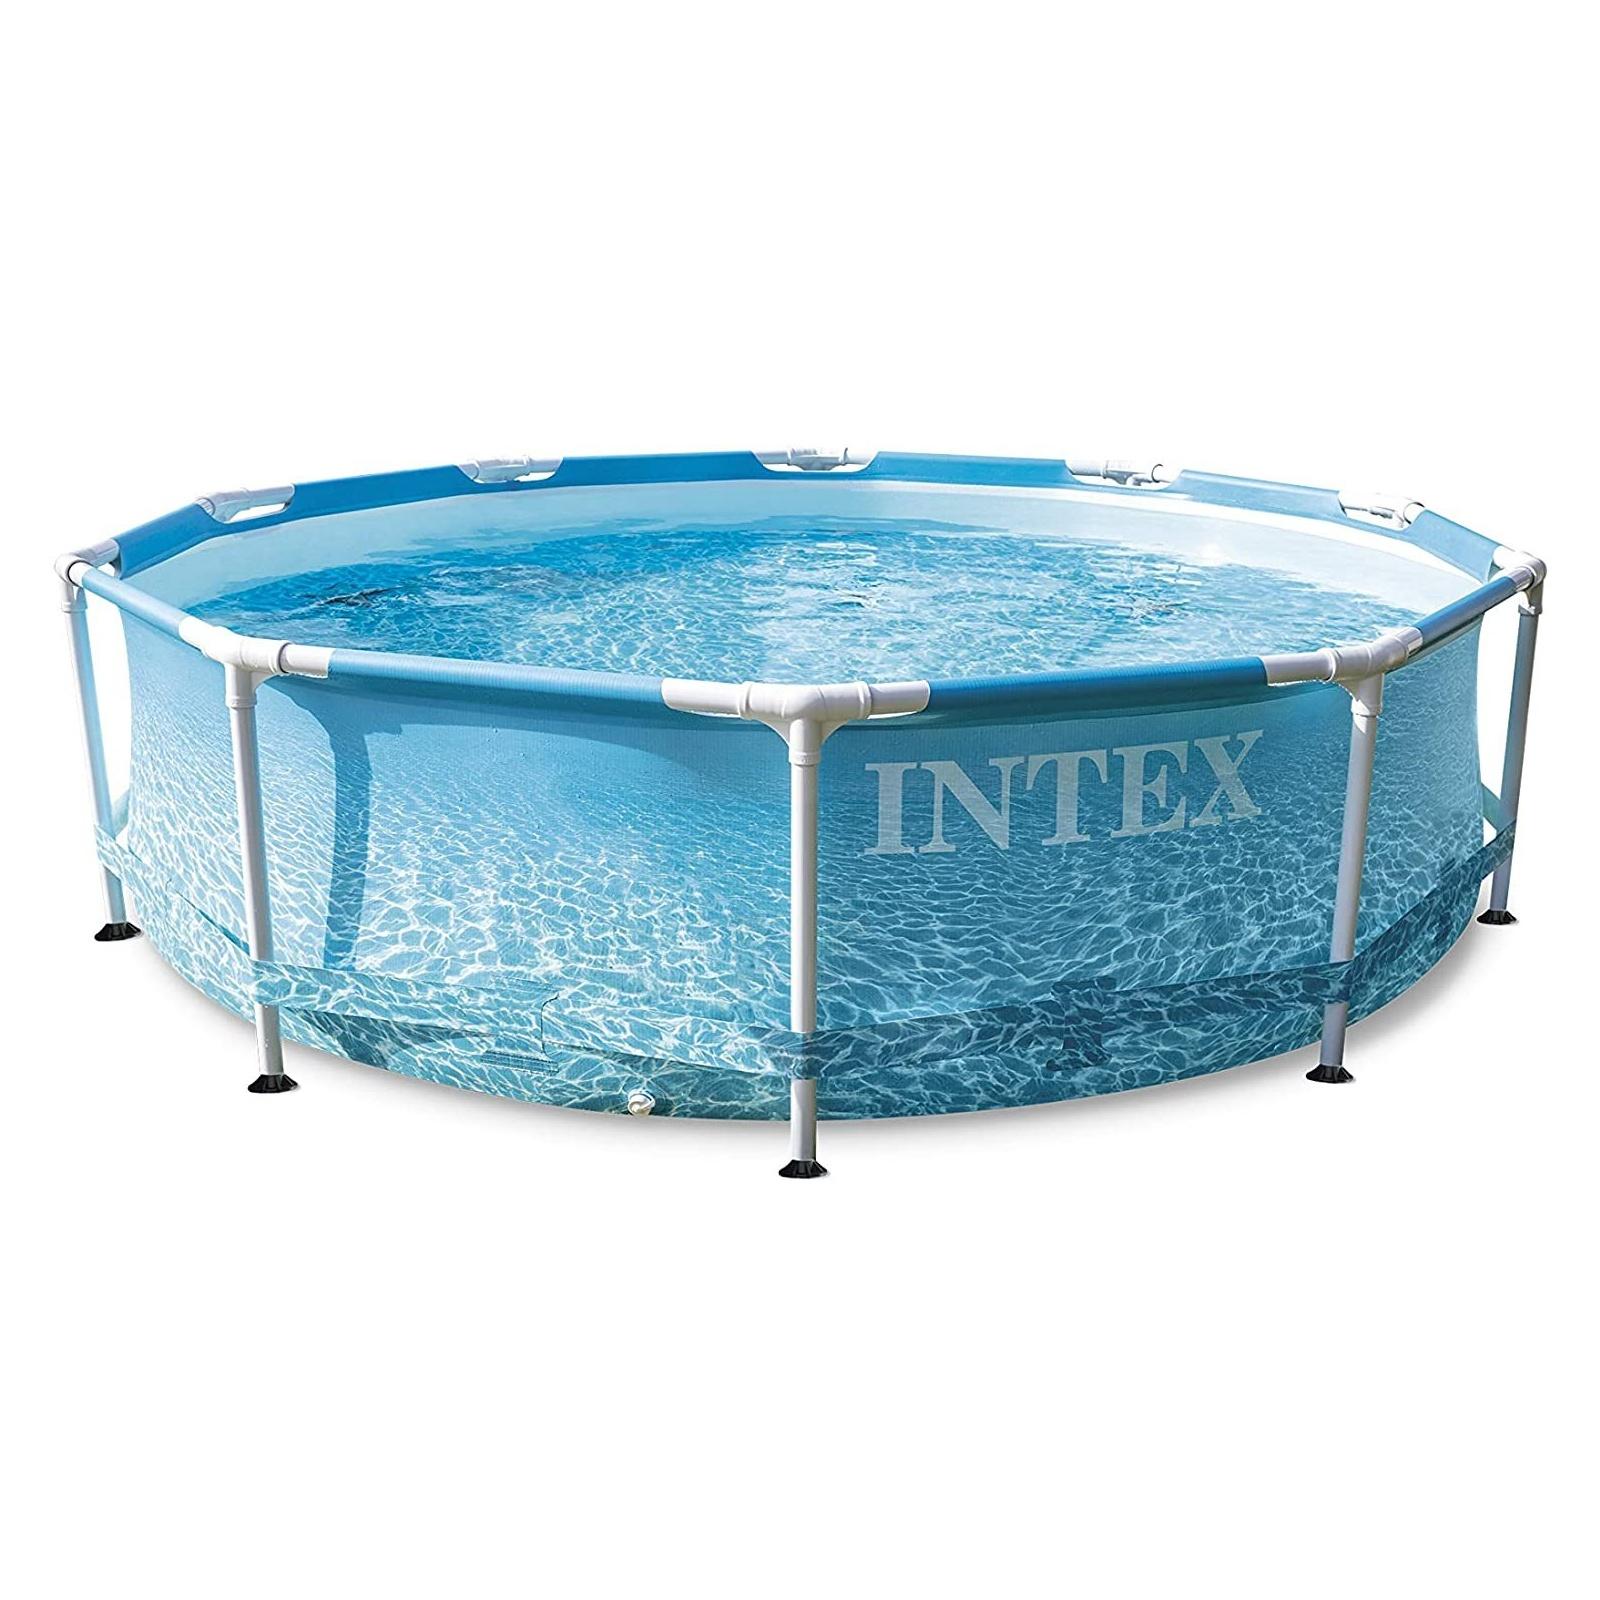 Bazén INTEX Beachside Metal Frame 305 x 76 cm